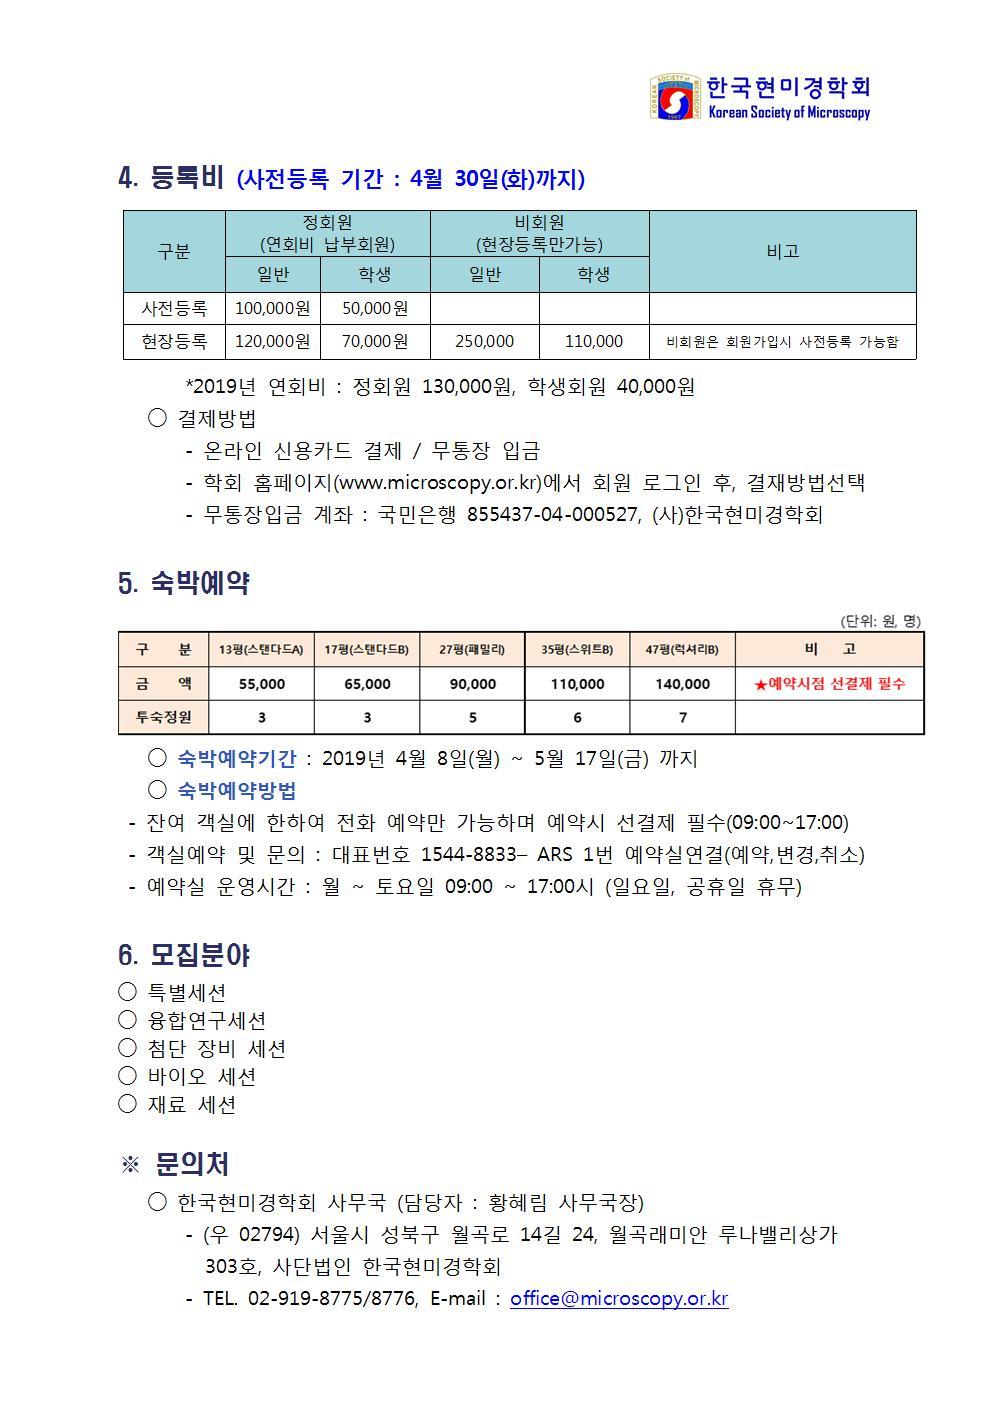 2019년 KSM 춘계학술대회 1차 안내-1002.jpg